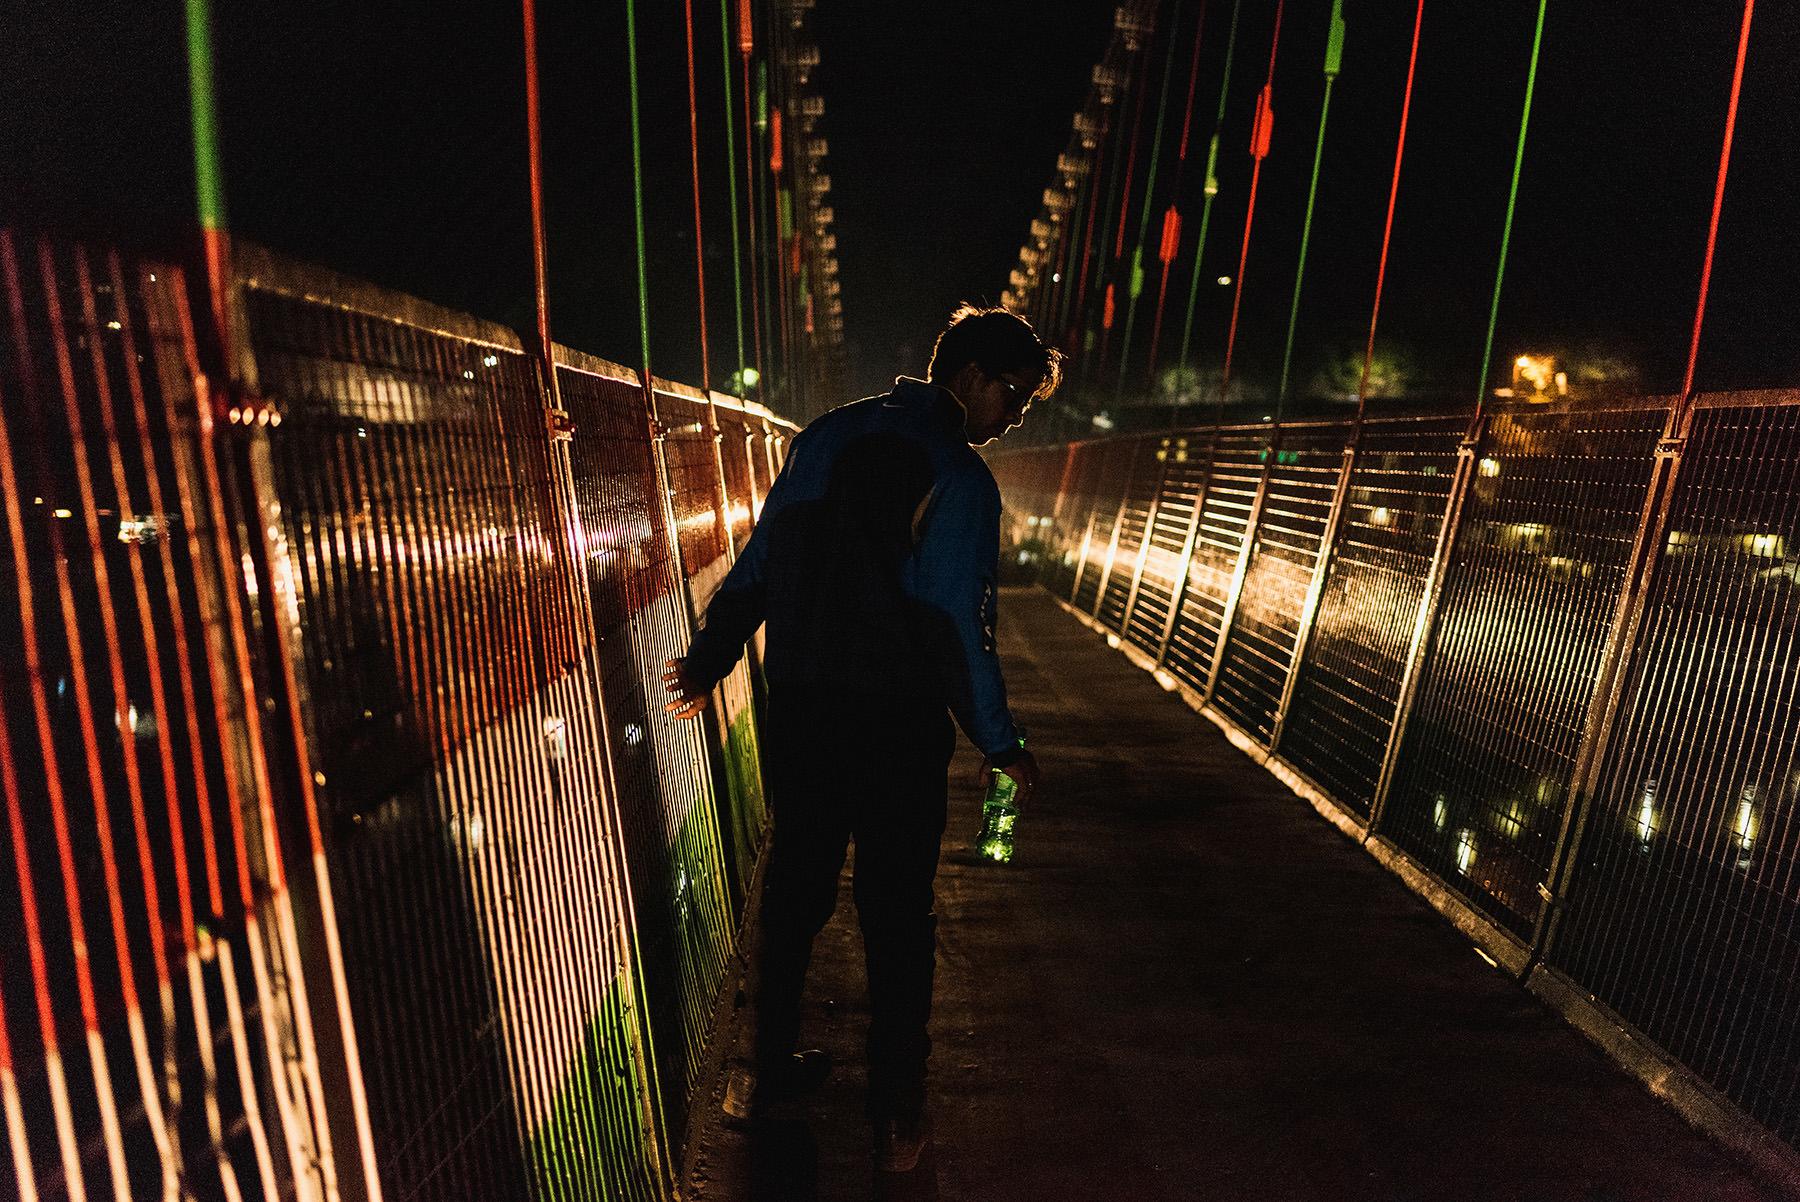 RishikeshStreetPhotographer 1